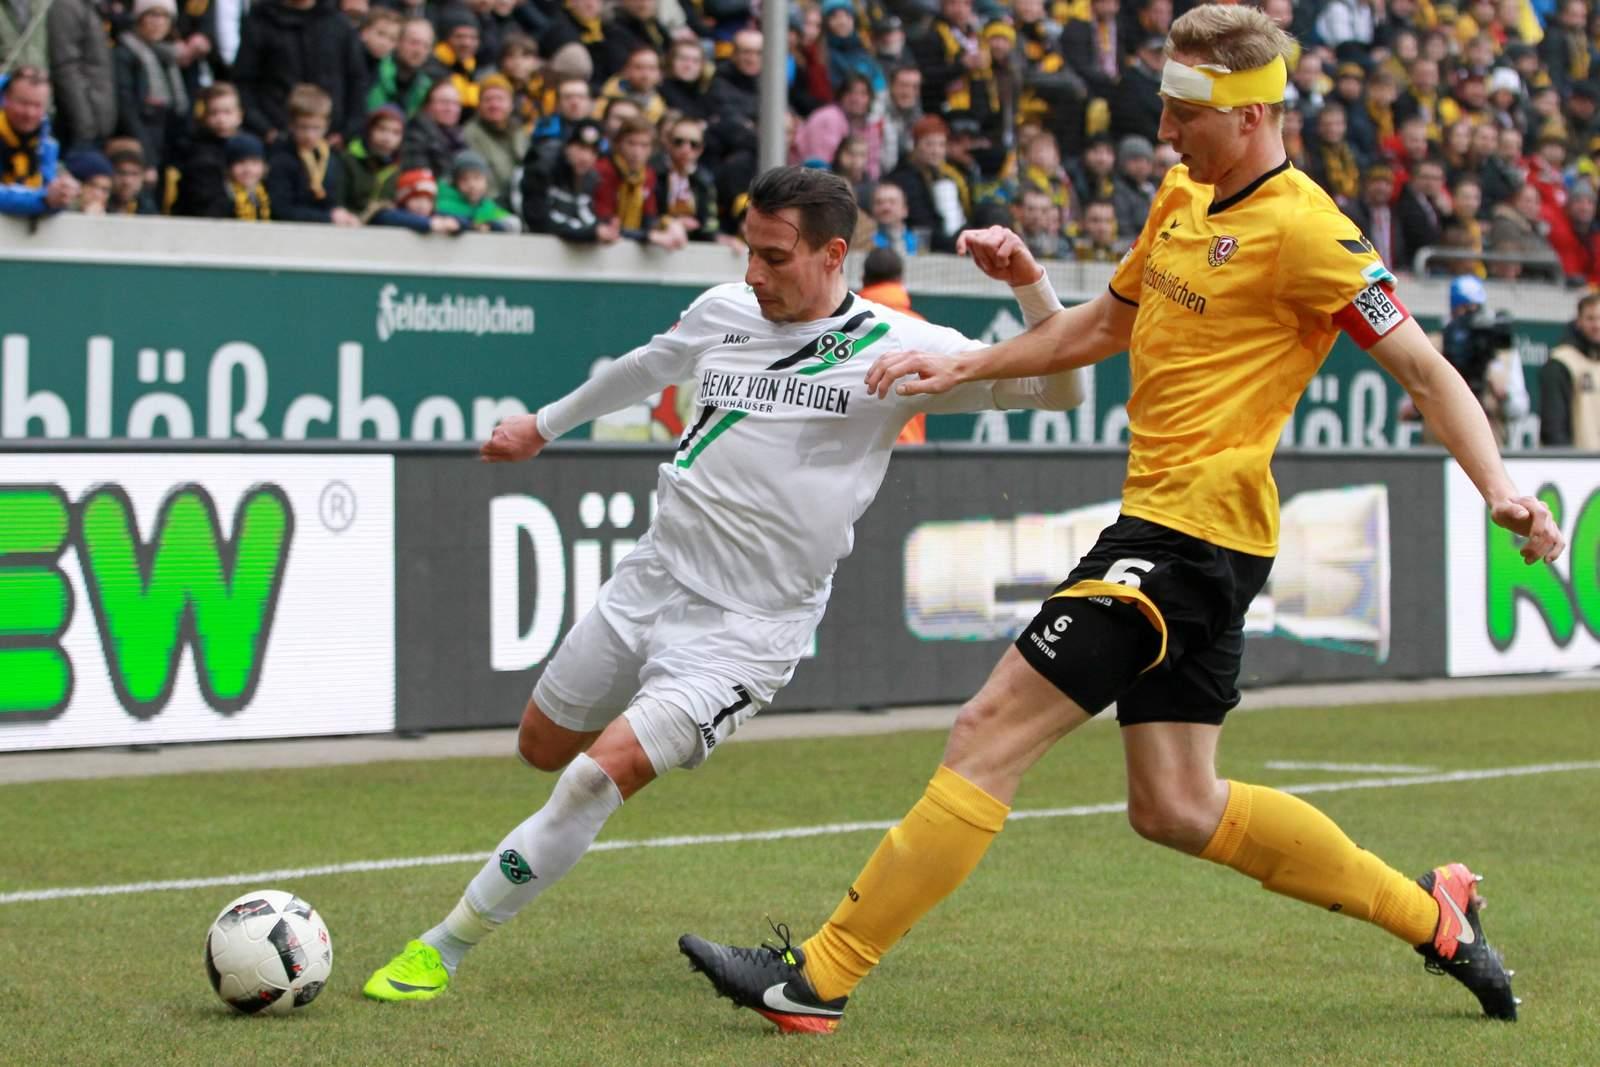 Edgar Prib, Marco Hartmann